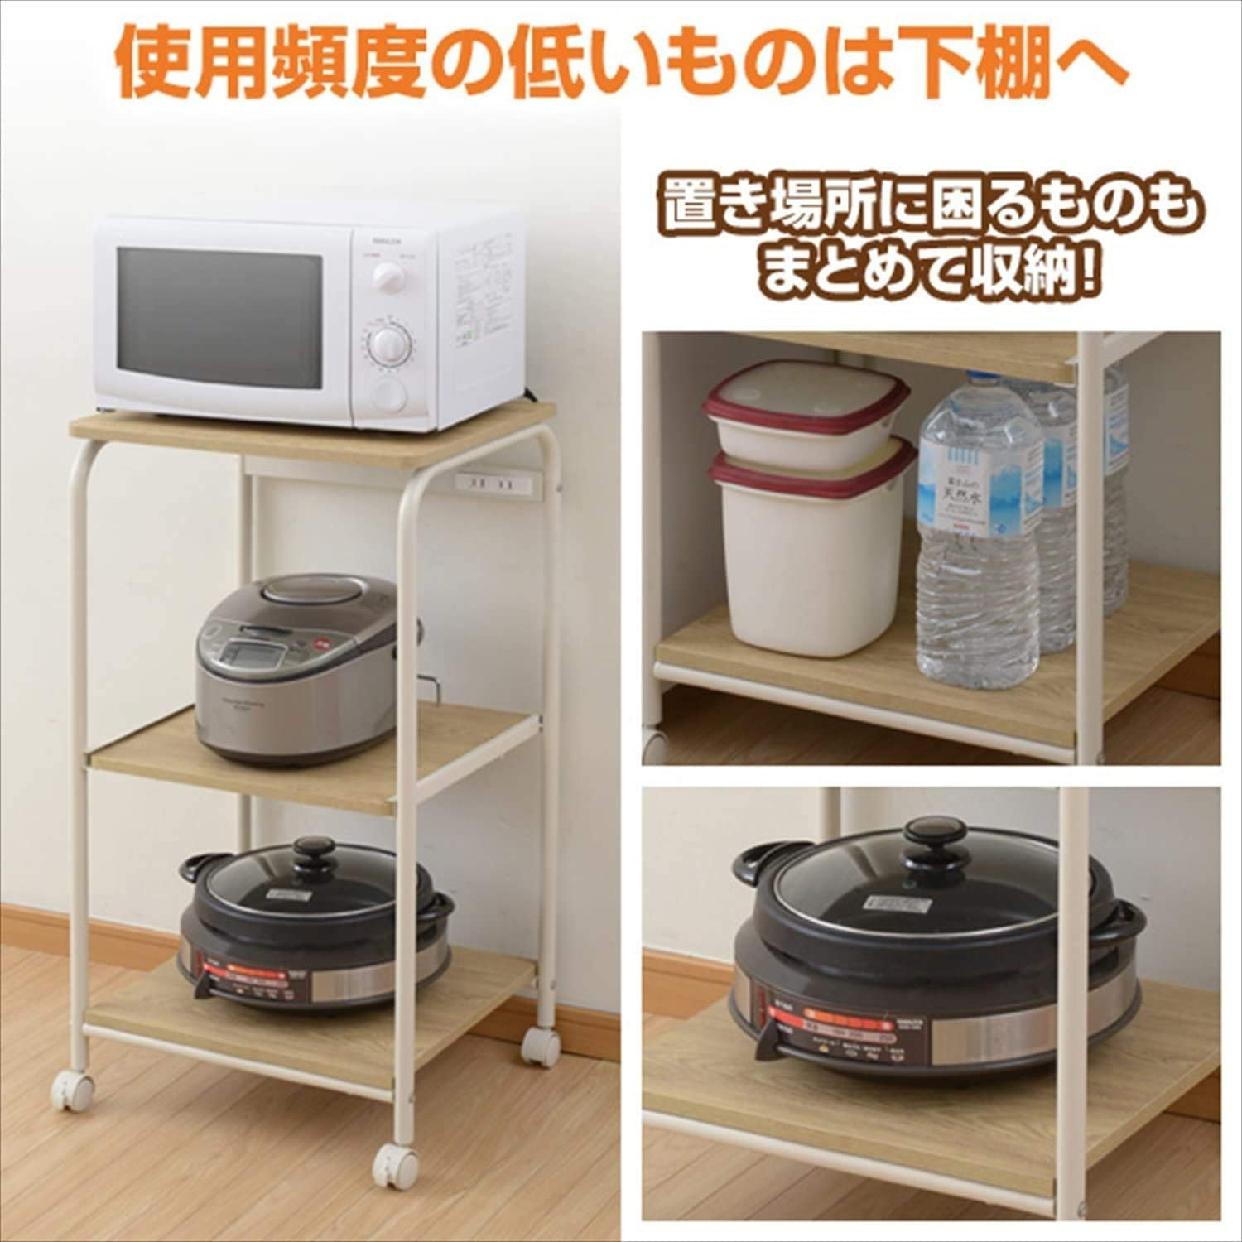 YAMAZEN(ヤマゼン)レンジ台 GRW-41R ダークブラウンの商品画像5